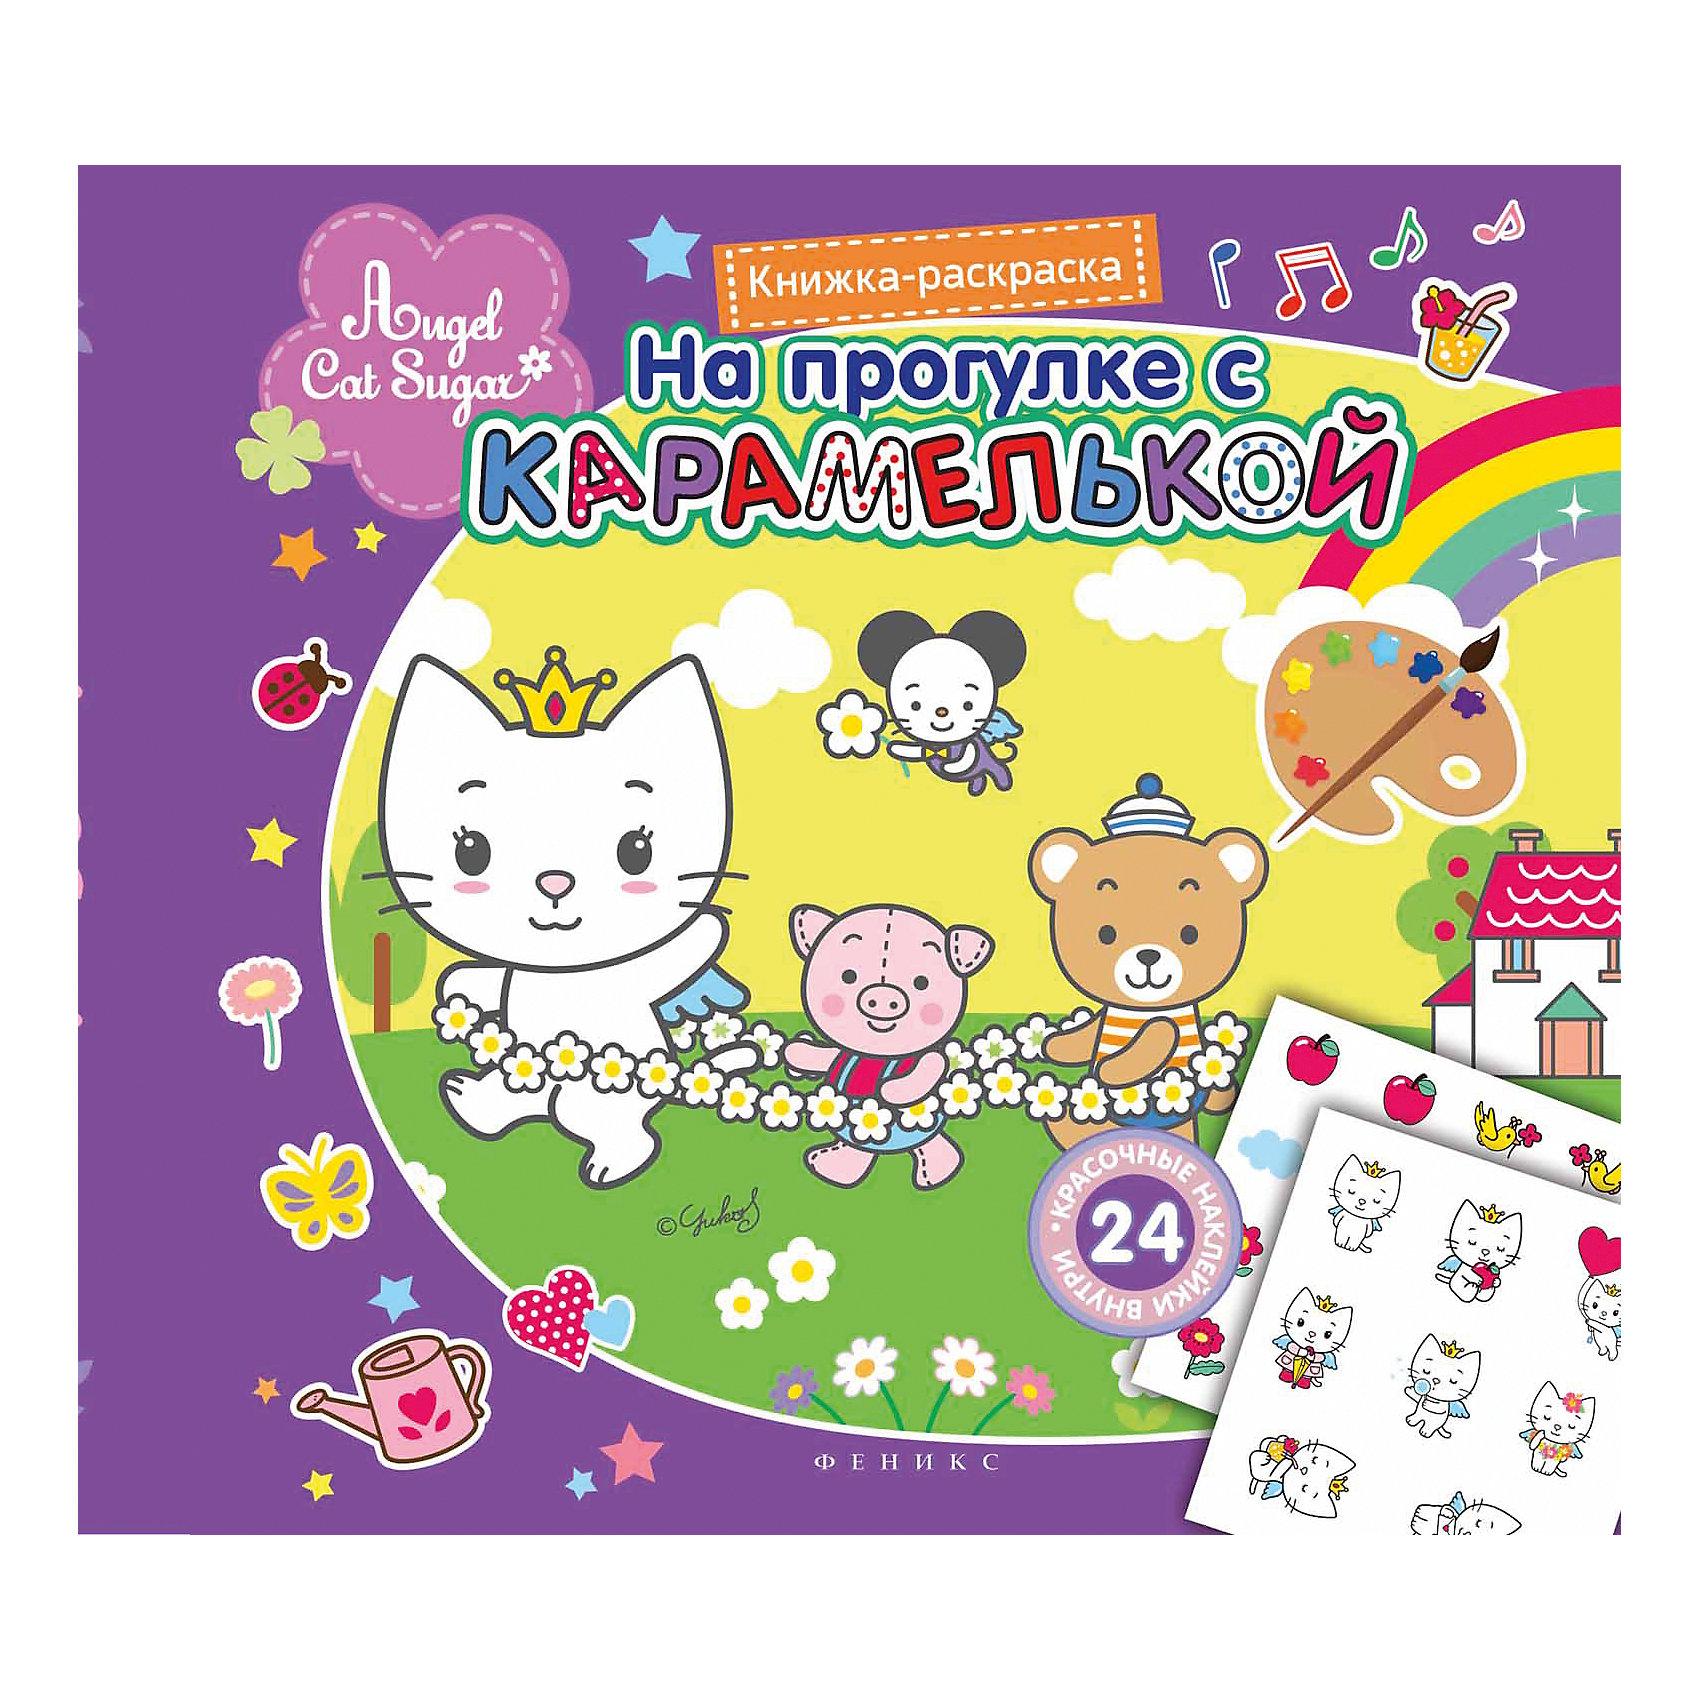 На прогулке с Карамелькой: книжка-раскраскаРисование<br>Angel Cat Sugar - известная героиня, которая наделена невероятной способностью дарить окружающим радость и счастье! Теперь она есть и в России! Раскрашивать вместе с Карамелькой - это не только увлекательное, но и очень полезное занятие: оно развивает мелкую моторику и творческий потенциал, учит работать с цветом.<br>Карамелька и её друзья помогут развить внимательность, аккуратность, с пользой займут ребёнка и подарят ему хорошее настроение!<br><br>Ширина мм: 228<br>Глубина мм: 238<br>Высота мм: 1<br>Вес г: 248<br>Возраст от месяцев: 36<br>Возраст до месяцев: 72<br>Пол: Унисекс<br>Возраст: Детский<br>SKU: 5480314